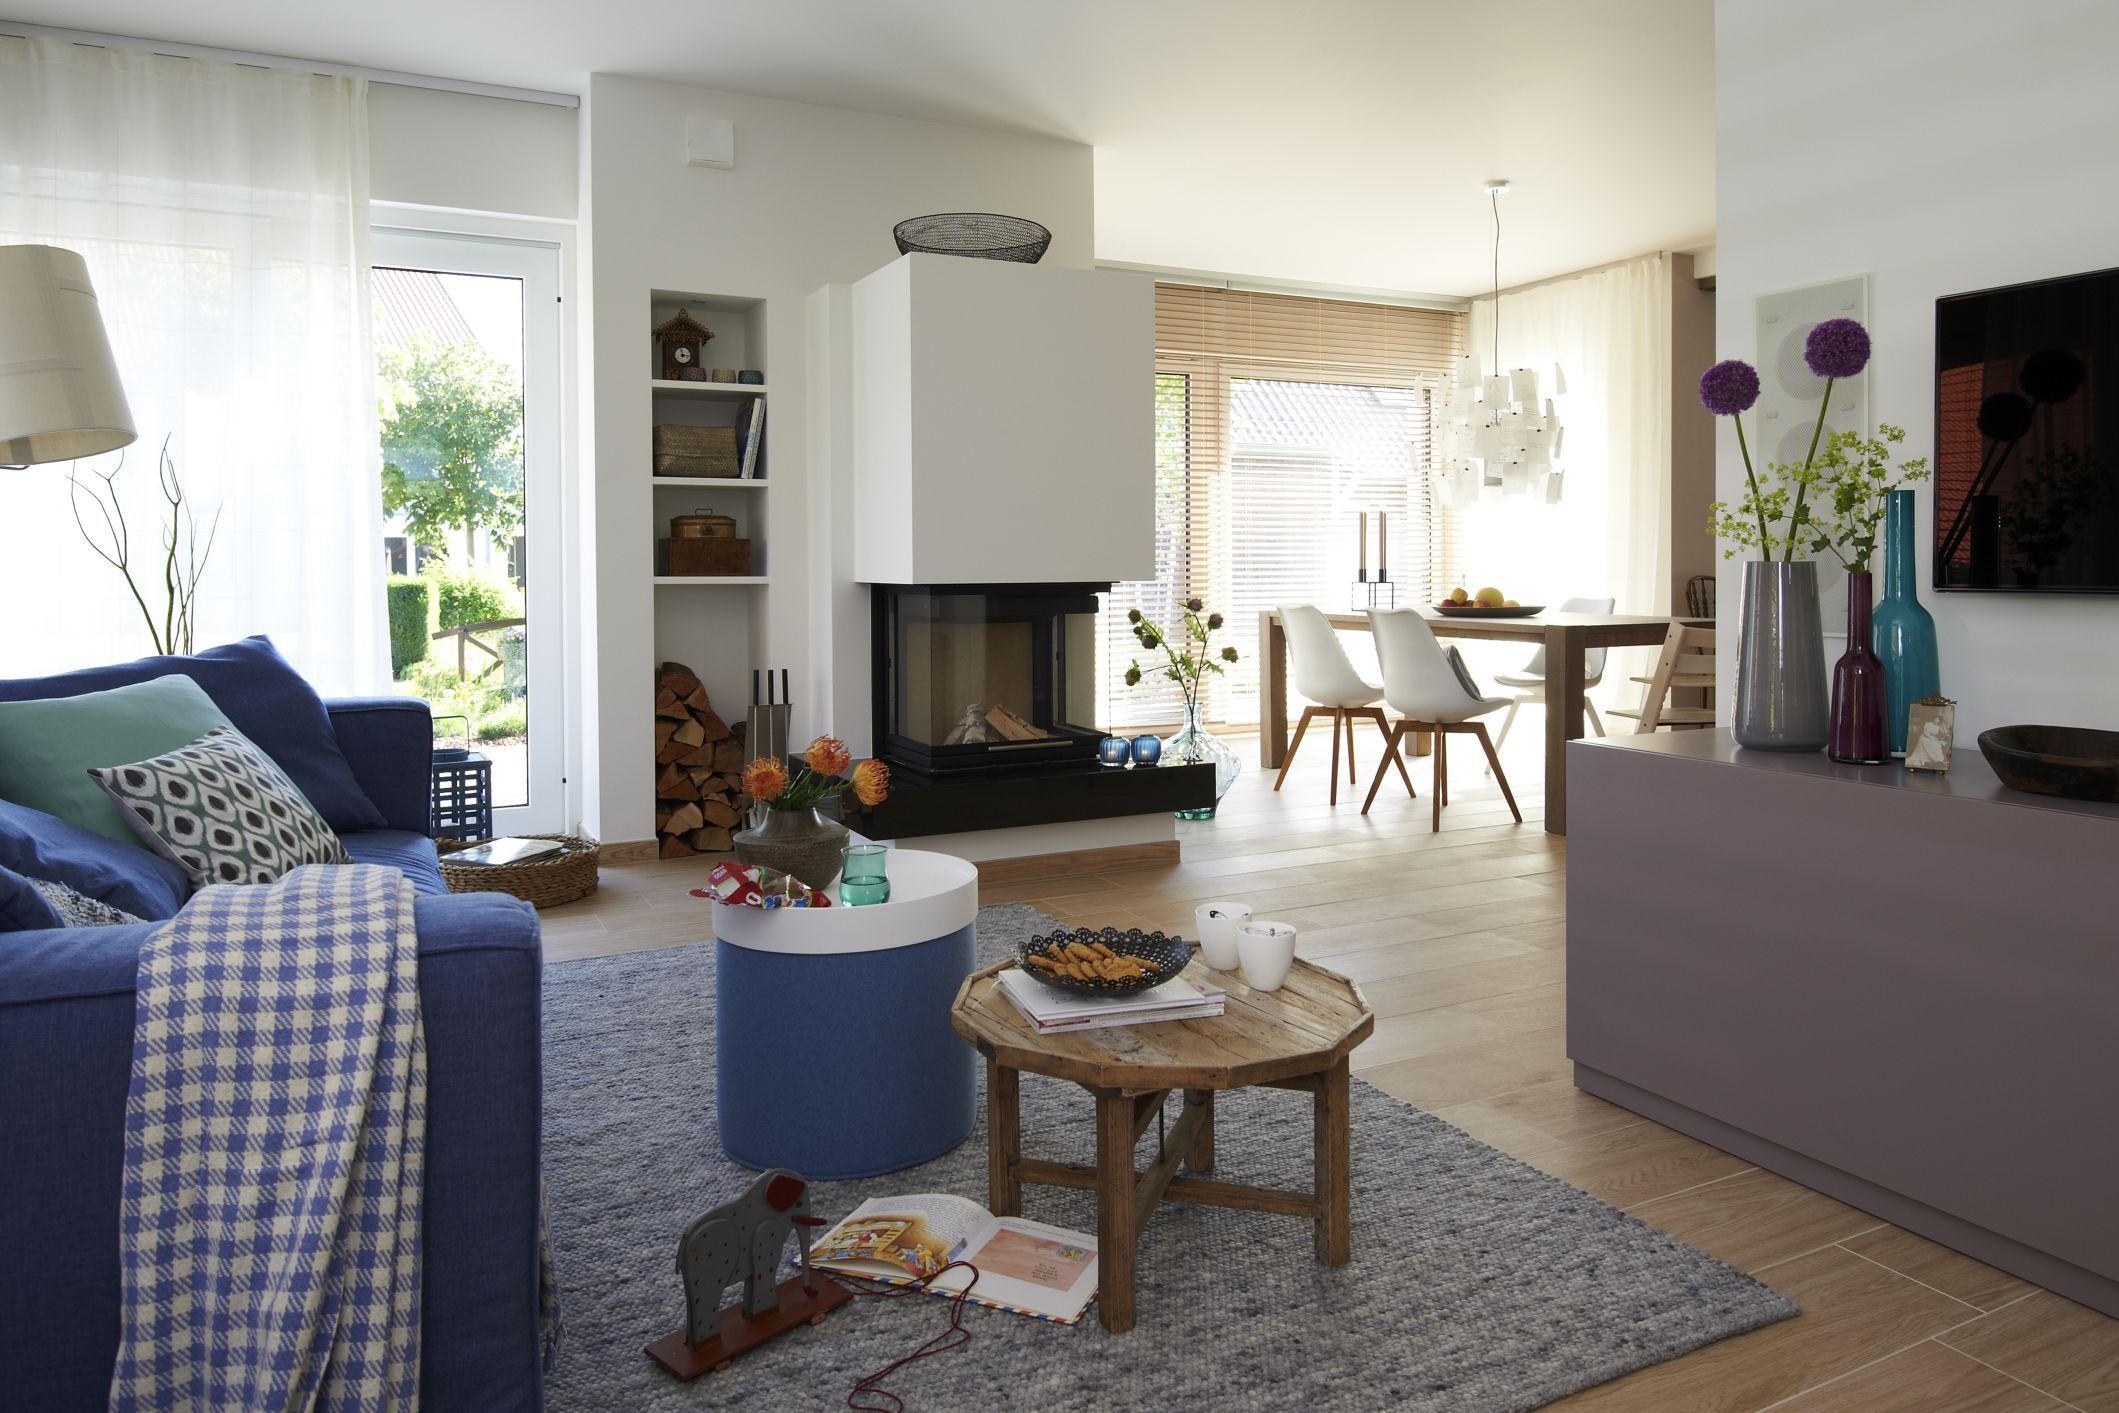 Wohnzimmereinrichtung mit hohen decken sorgt f r for Wohnzimmereinrichtung komplett